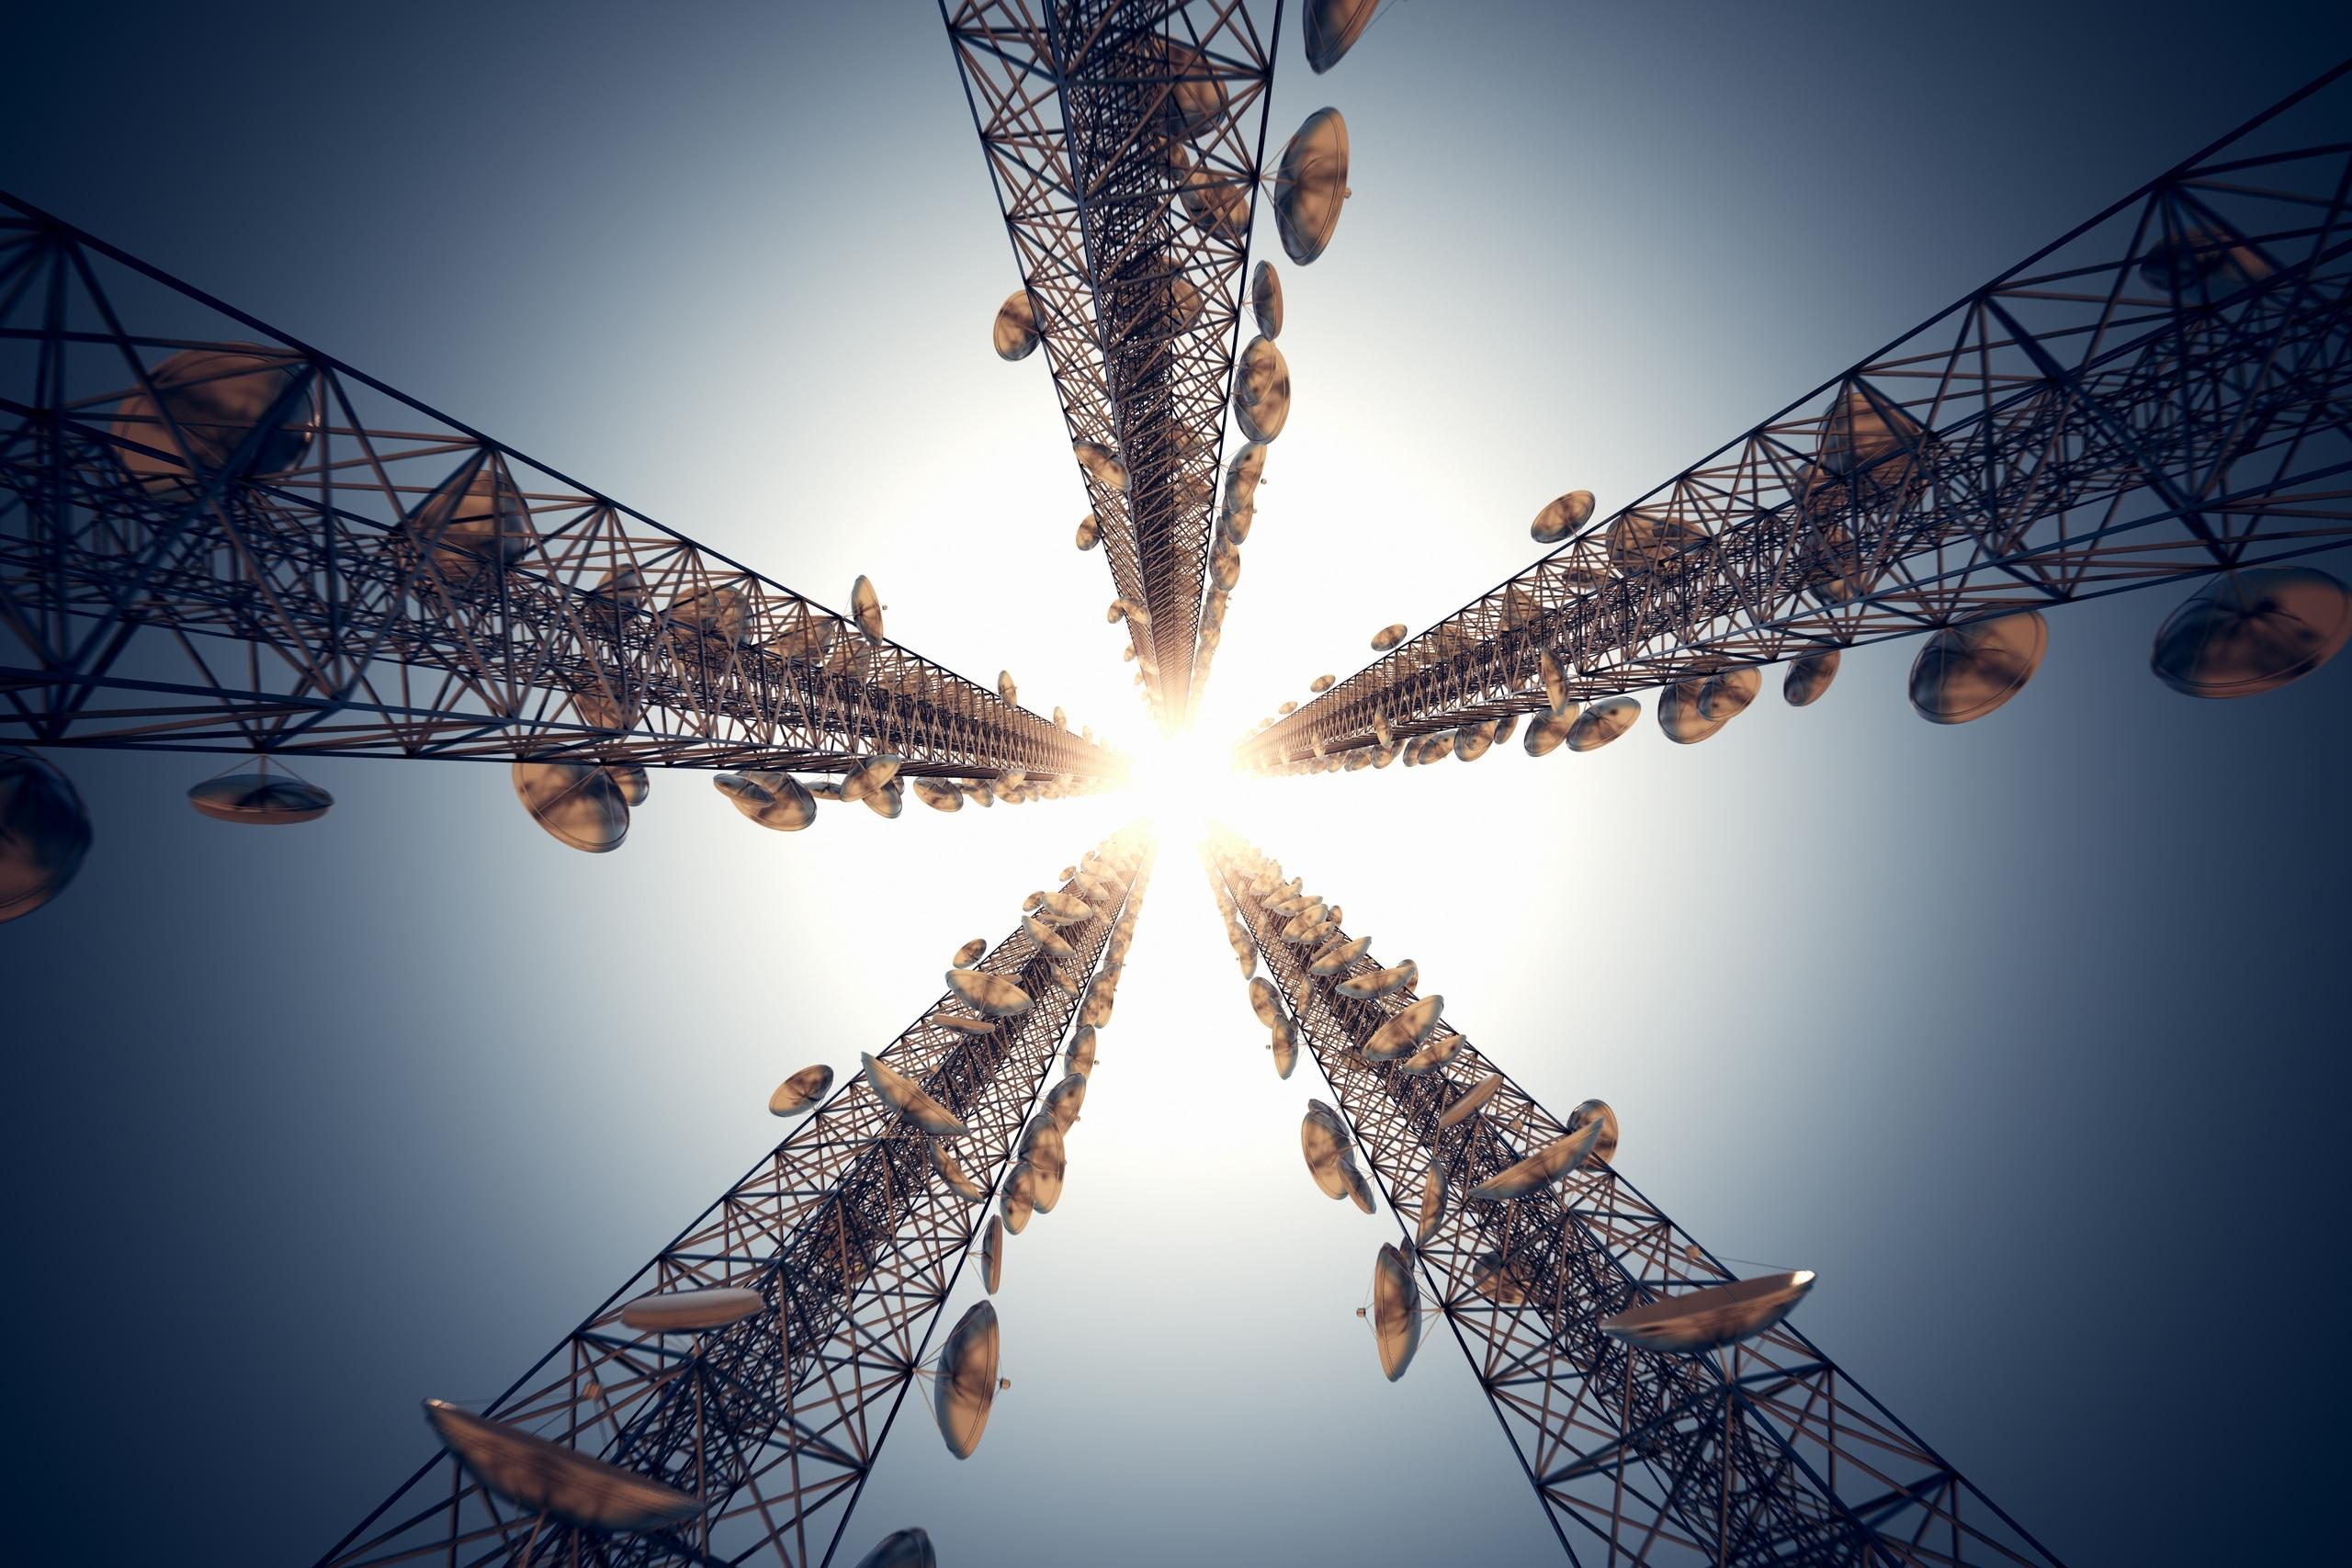 На днях МТС сообщил, что запустил 4G интернет в Юбилейном и Воронино, а в Кисловке, Корнилово, Зональном, а также в СНТ «Сирень-1» и «Огонек-1» поставил дополнительные базовые станции сети четвертого поколения.